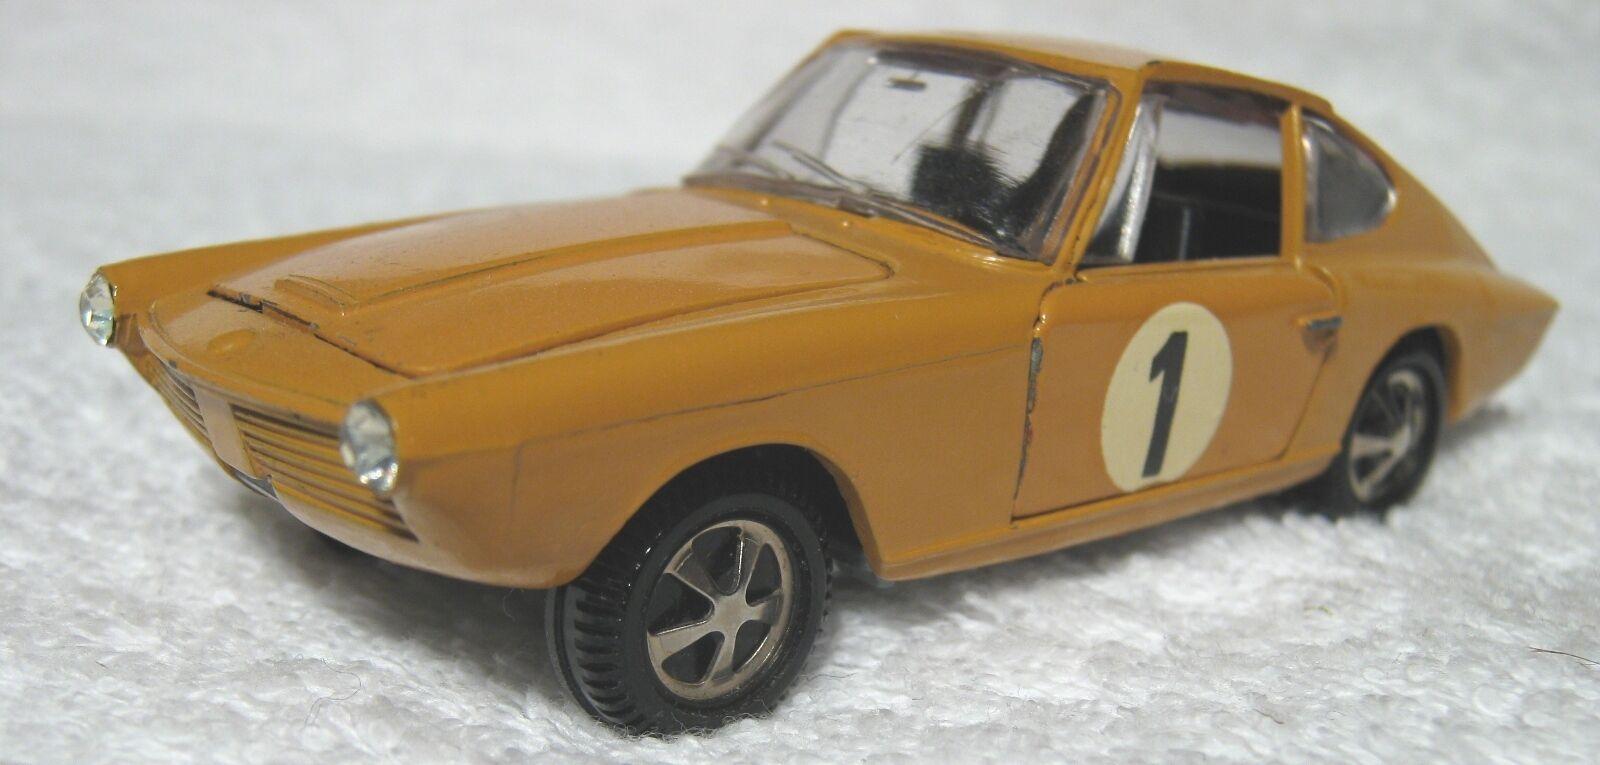 Marklin auto RAK 1838 BMW Rally 1600 GT nieuwe staat. Deuren en  motorkap openp